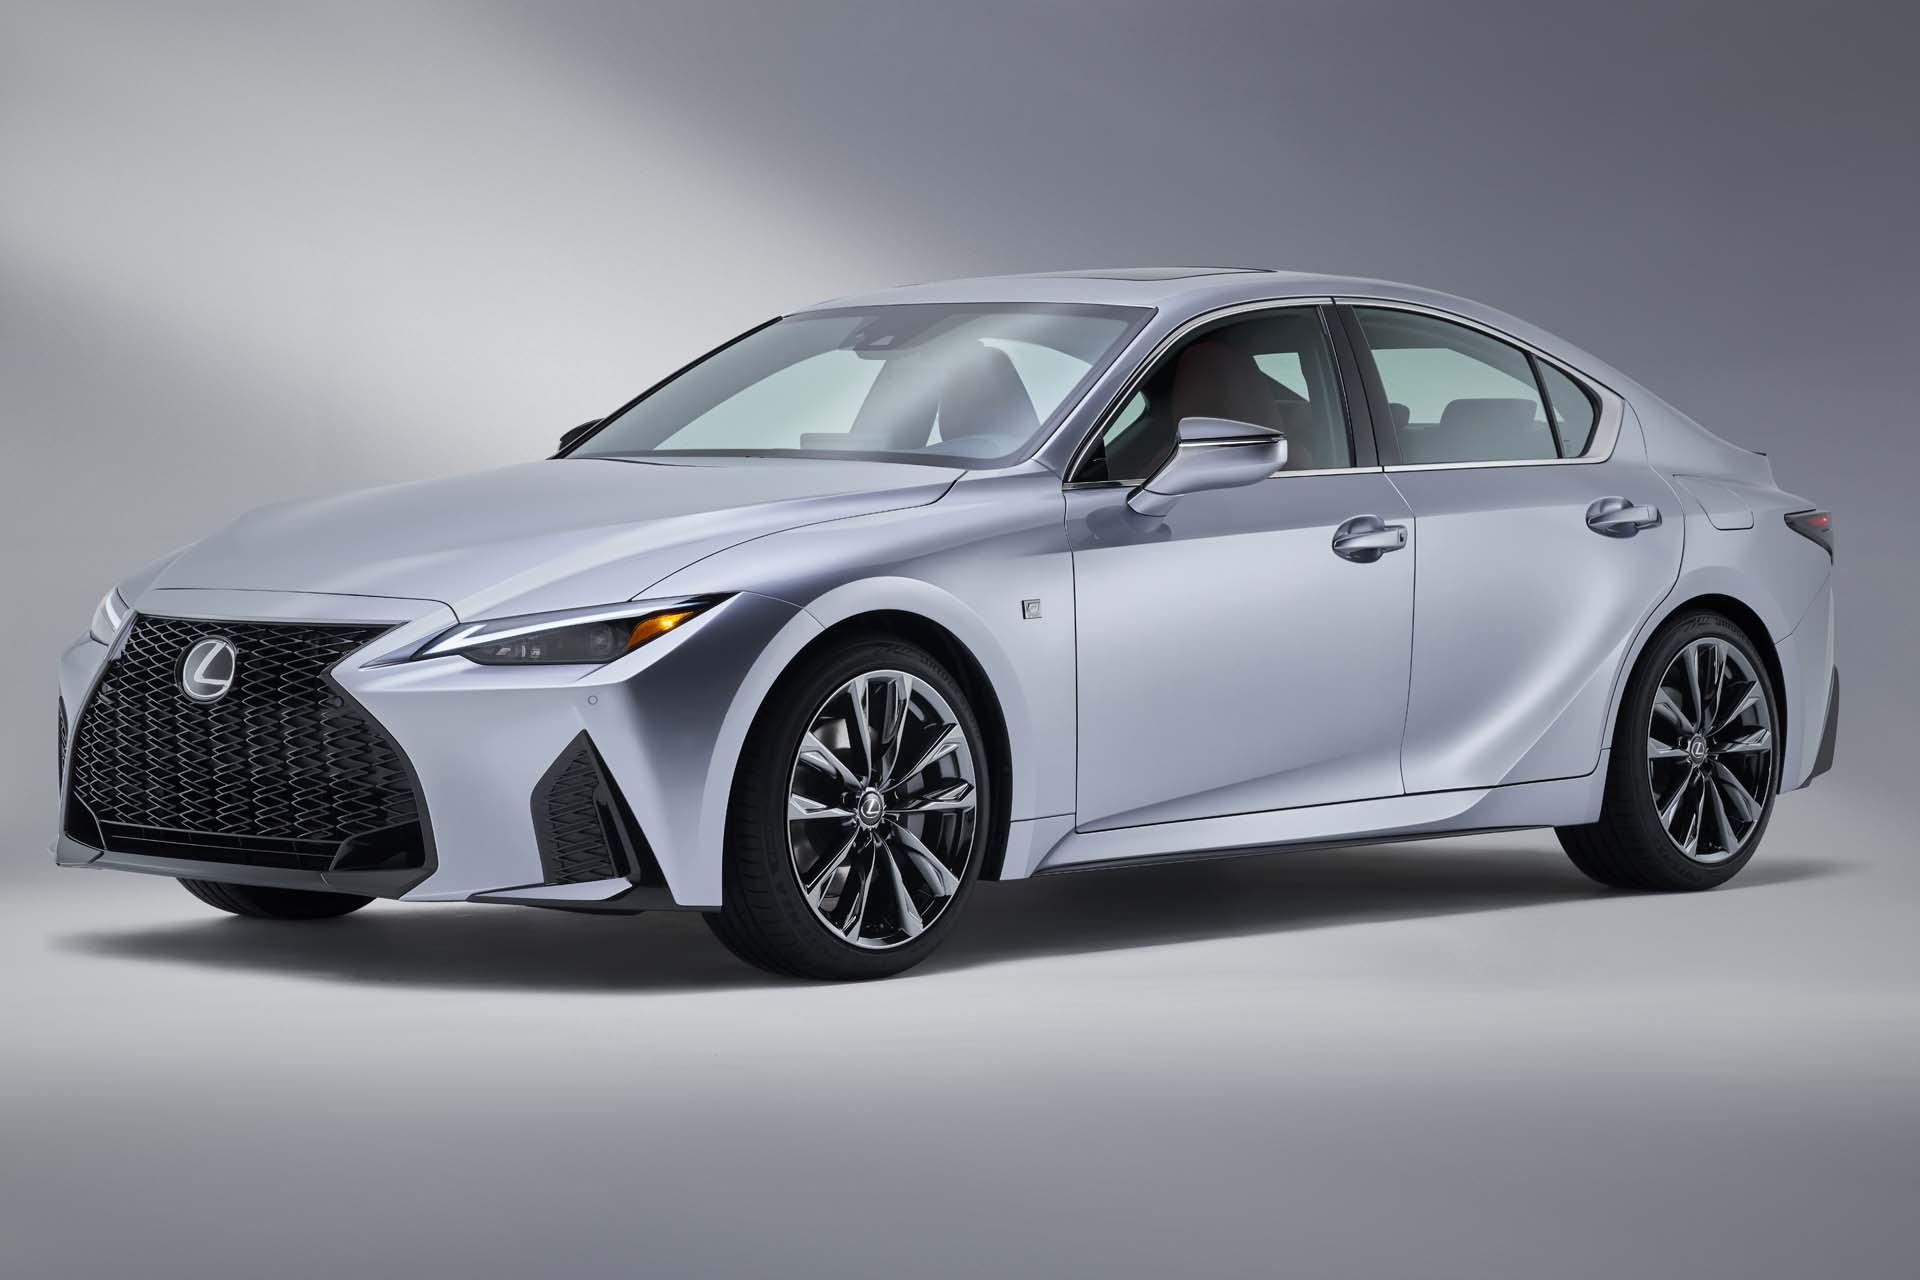 2020 Lexus IS 250 Redesign